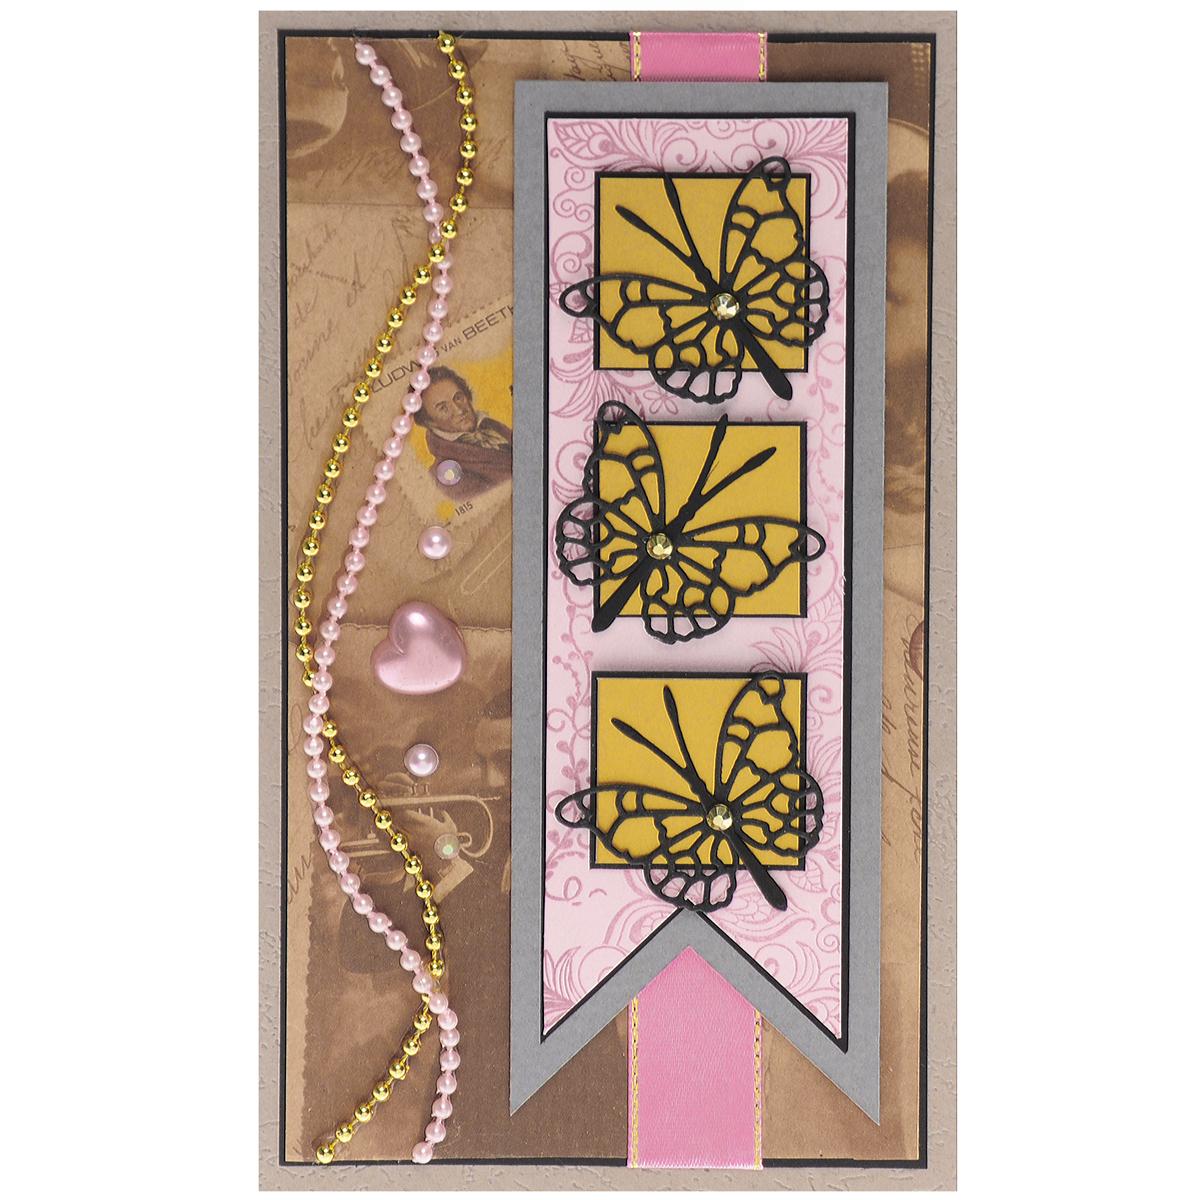 Открытка-конверт Мокко. Студия Тетя РозаОЖ-0068Открытка выполнена из высокохудожественного картона, украшена яркой лентой, золотистыми и розовыми бусами из пластика и ажурными бабочками. Может стать как прекрасным дополнением к вашему подарку, так и самостоятельным подарком, так как открытка одновременно является и конвертом, в который вы можете вложить ваш денежный подарок или подарочный сертификат, или же просто написать ваши пожелания на вкладыше. Открытки ручной работы от студии Тетя Роза отличаются своим неповторимым и ярким стилем. Каждая уникальна и выполнена вручную мастерами студии. Открытка упакована в пакетик для сохранности. Обращаем ваше внимание на то, что открытка может незначительно отличаться от представленной на фото.